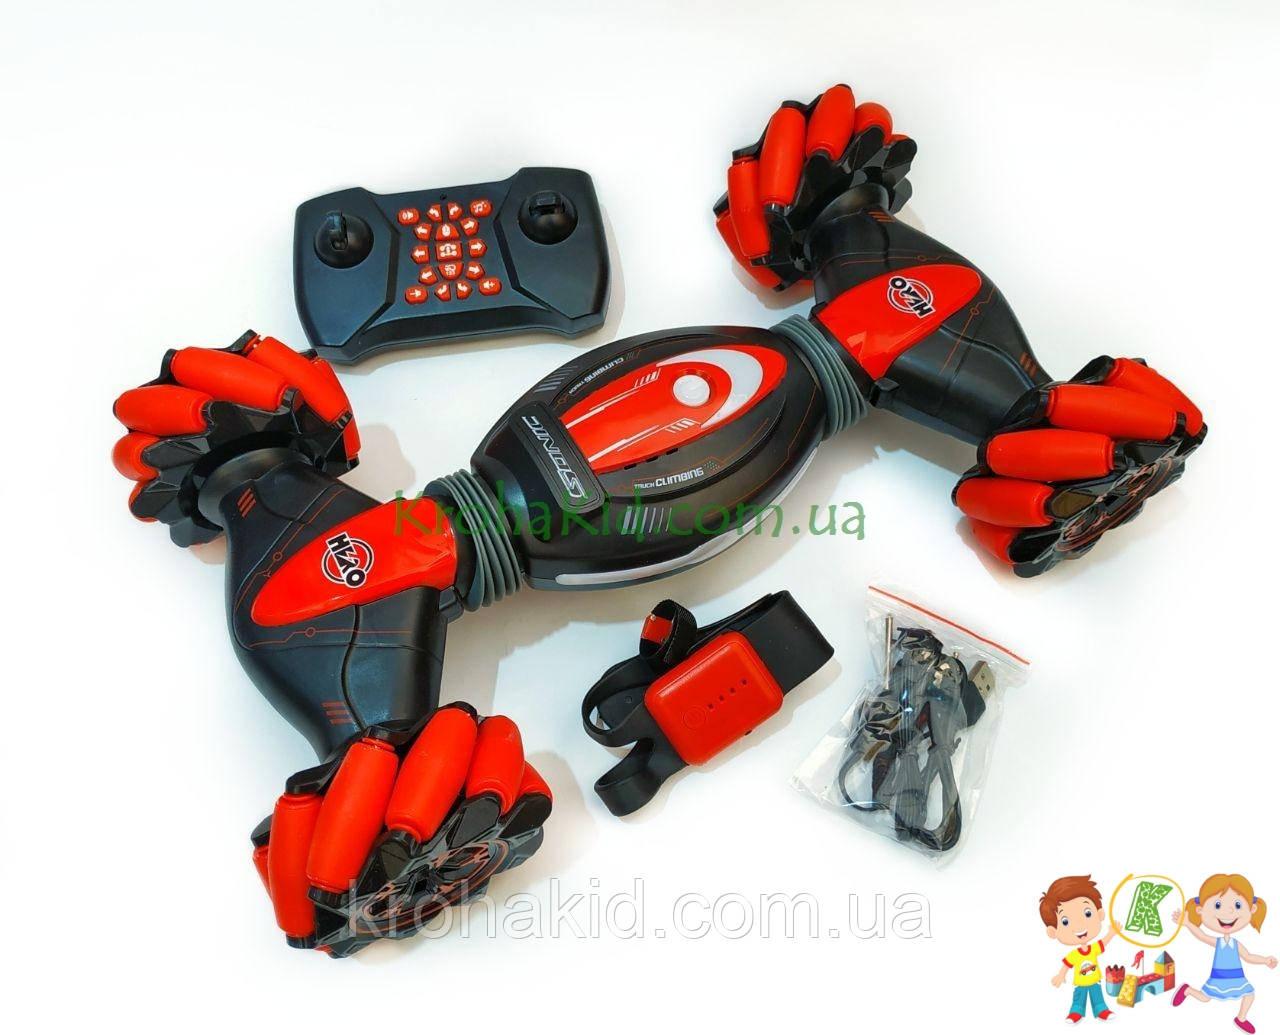 Трюковая машина Hero ОРИГИНАЛ трансформер бигфут на радиоуправлении 39см (УПРАВЛЕНИЕ ЖЕСТАМИ РУКИ) RQ20